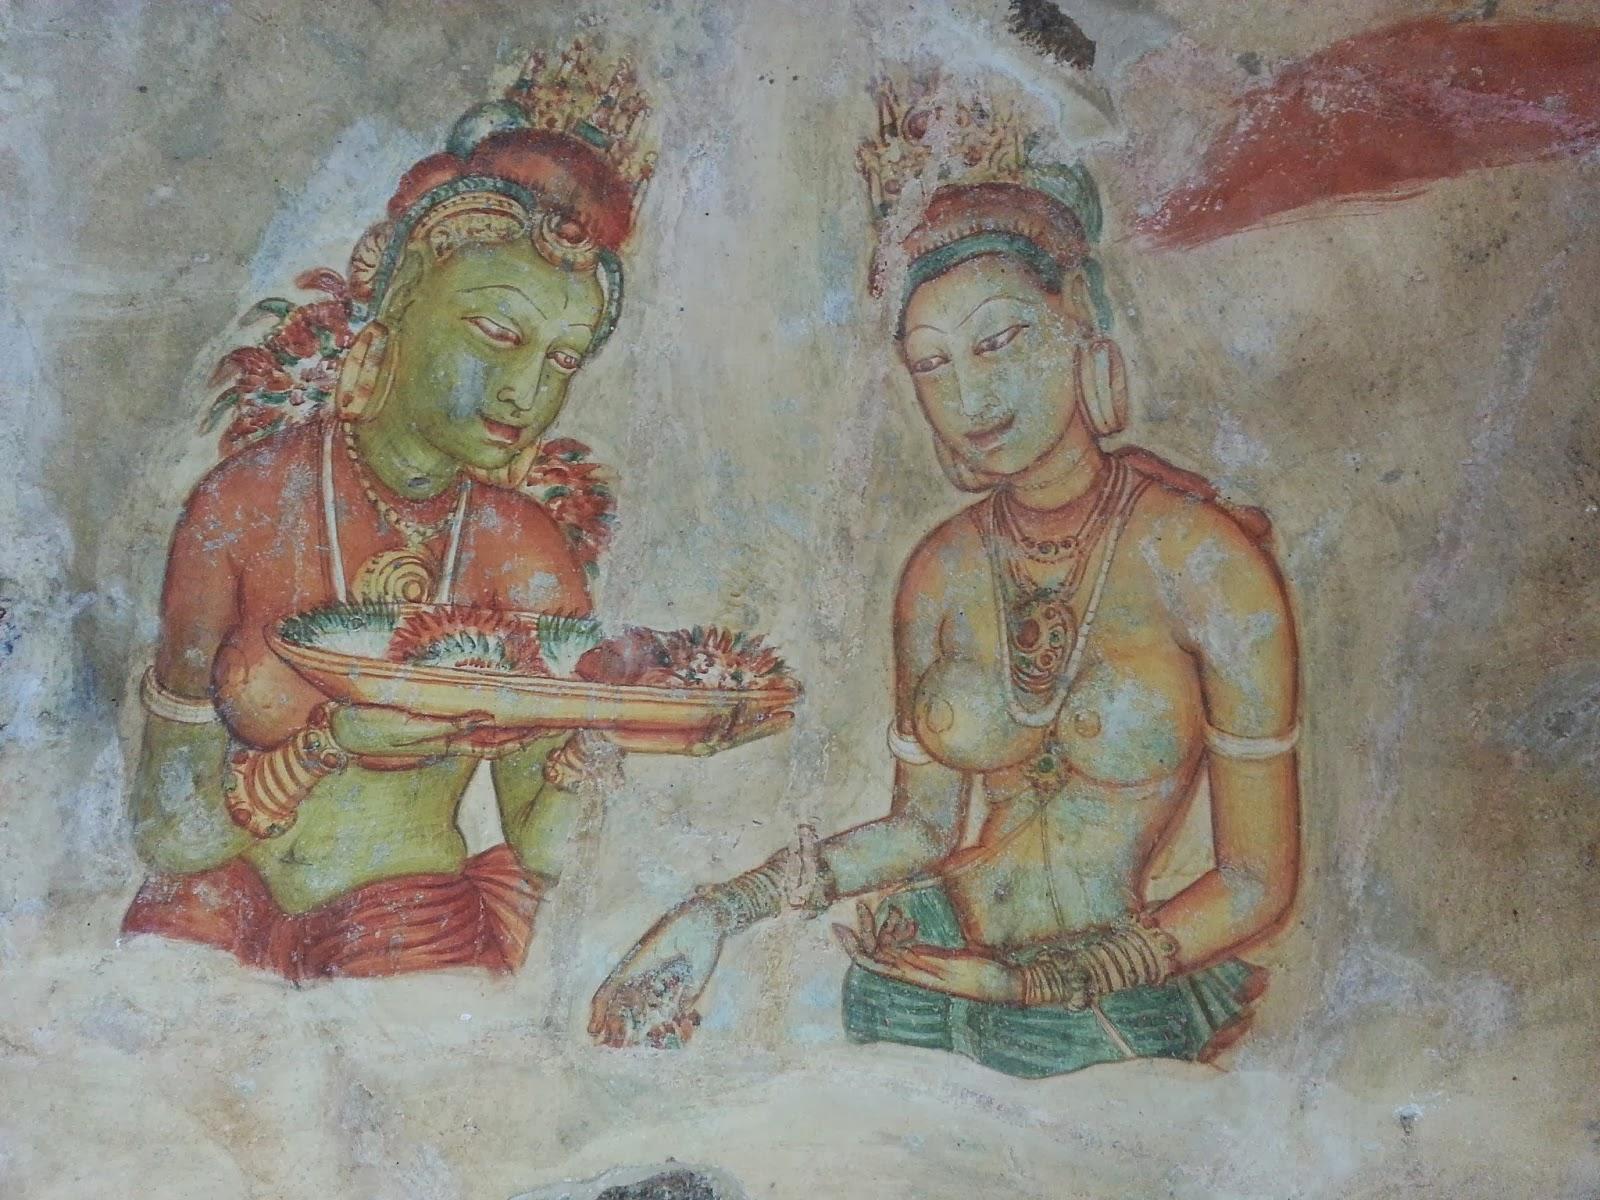 Изображение две прекрасные девушки с блюдом фруктов, древняя фреска, Сигирия, Шри-Ланка